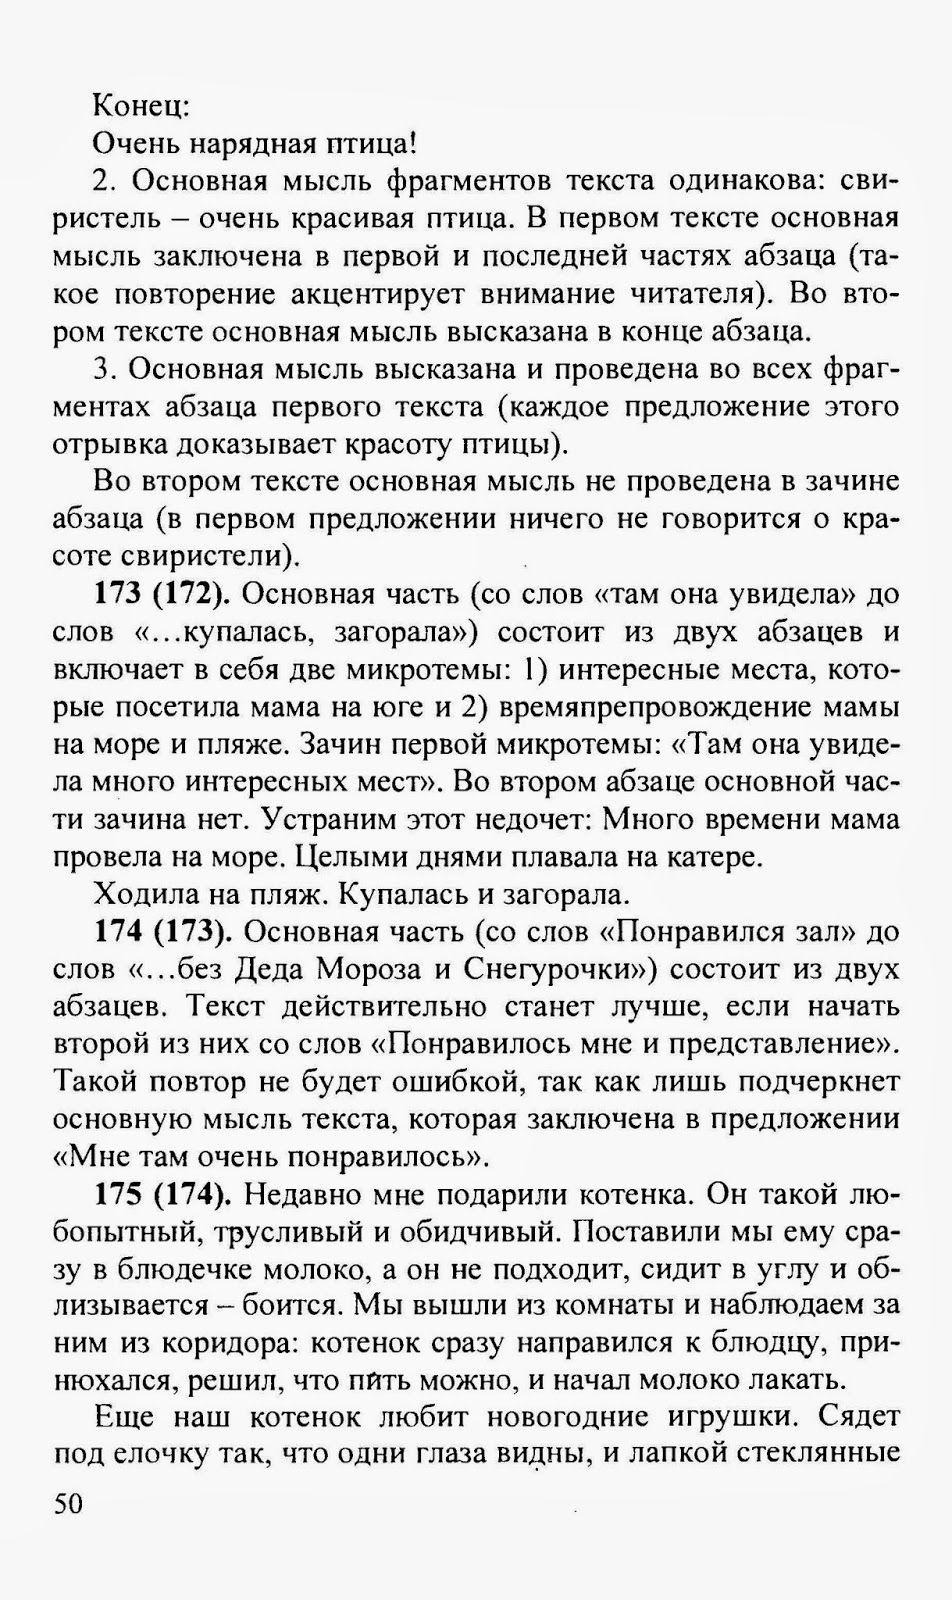 Гдз по история башкортостана 8 класс акманов